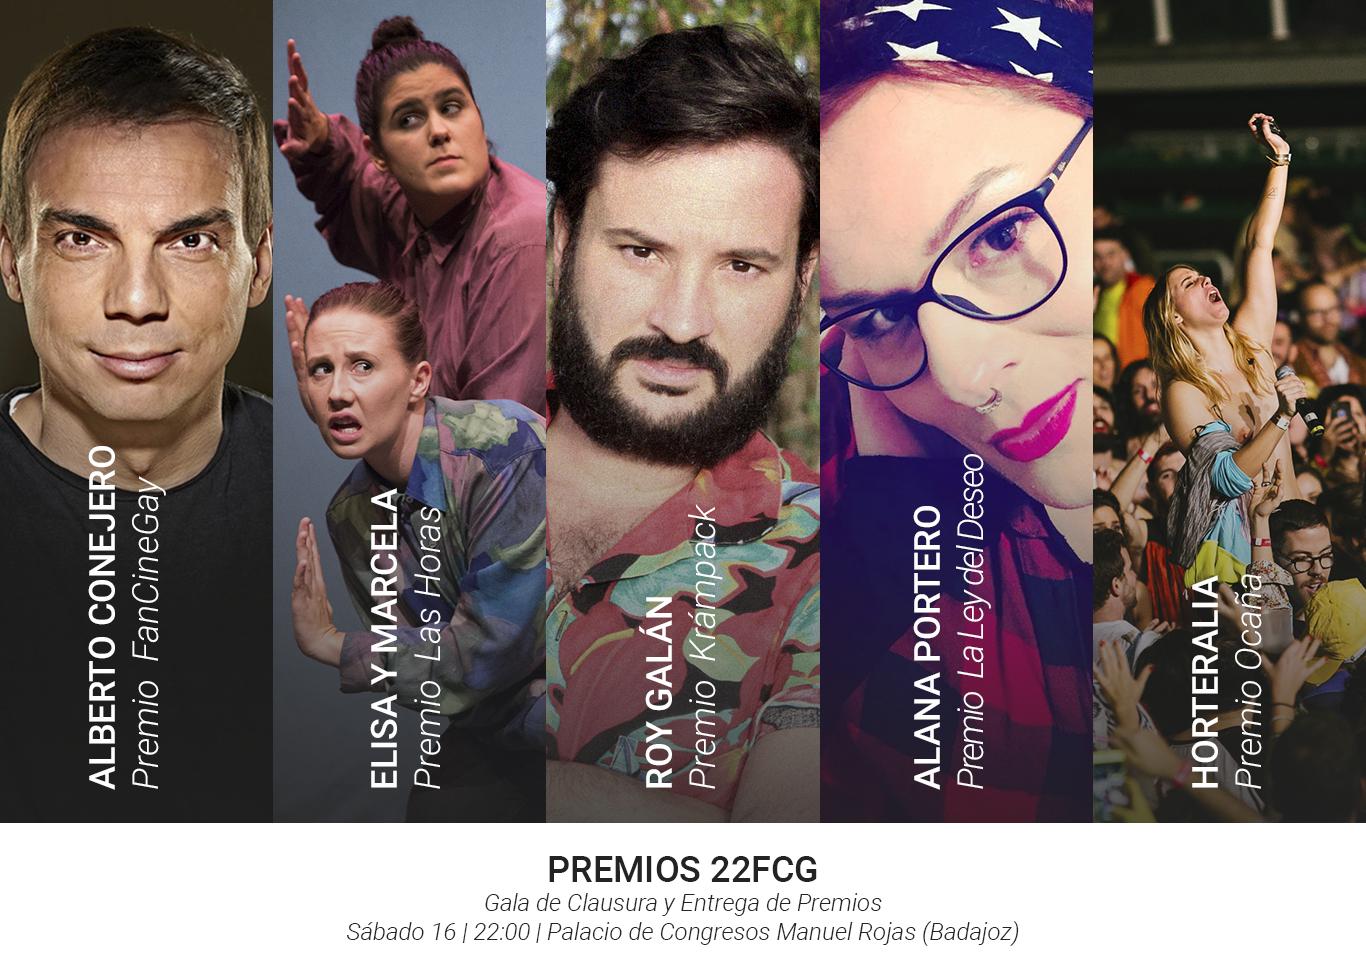 Alberto Conejero, Roy Galán, Alana Portero, Horteralia y la obra 'Elisa y Marcela' entre los premiados del 22 FanCineGay